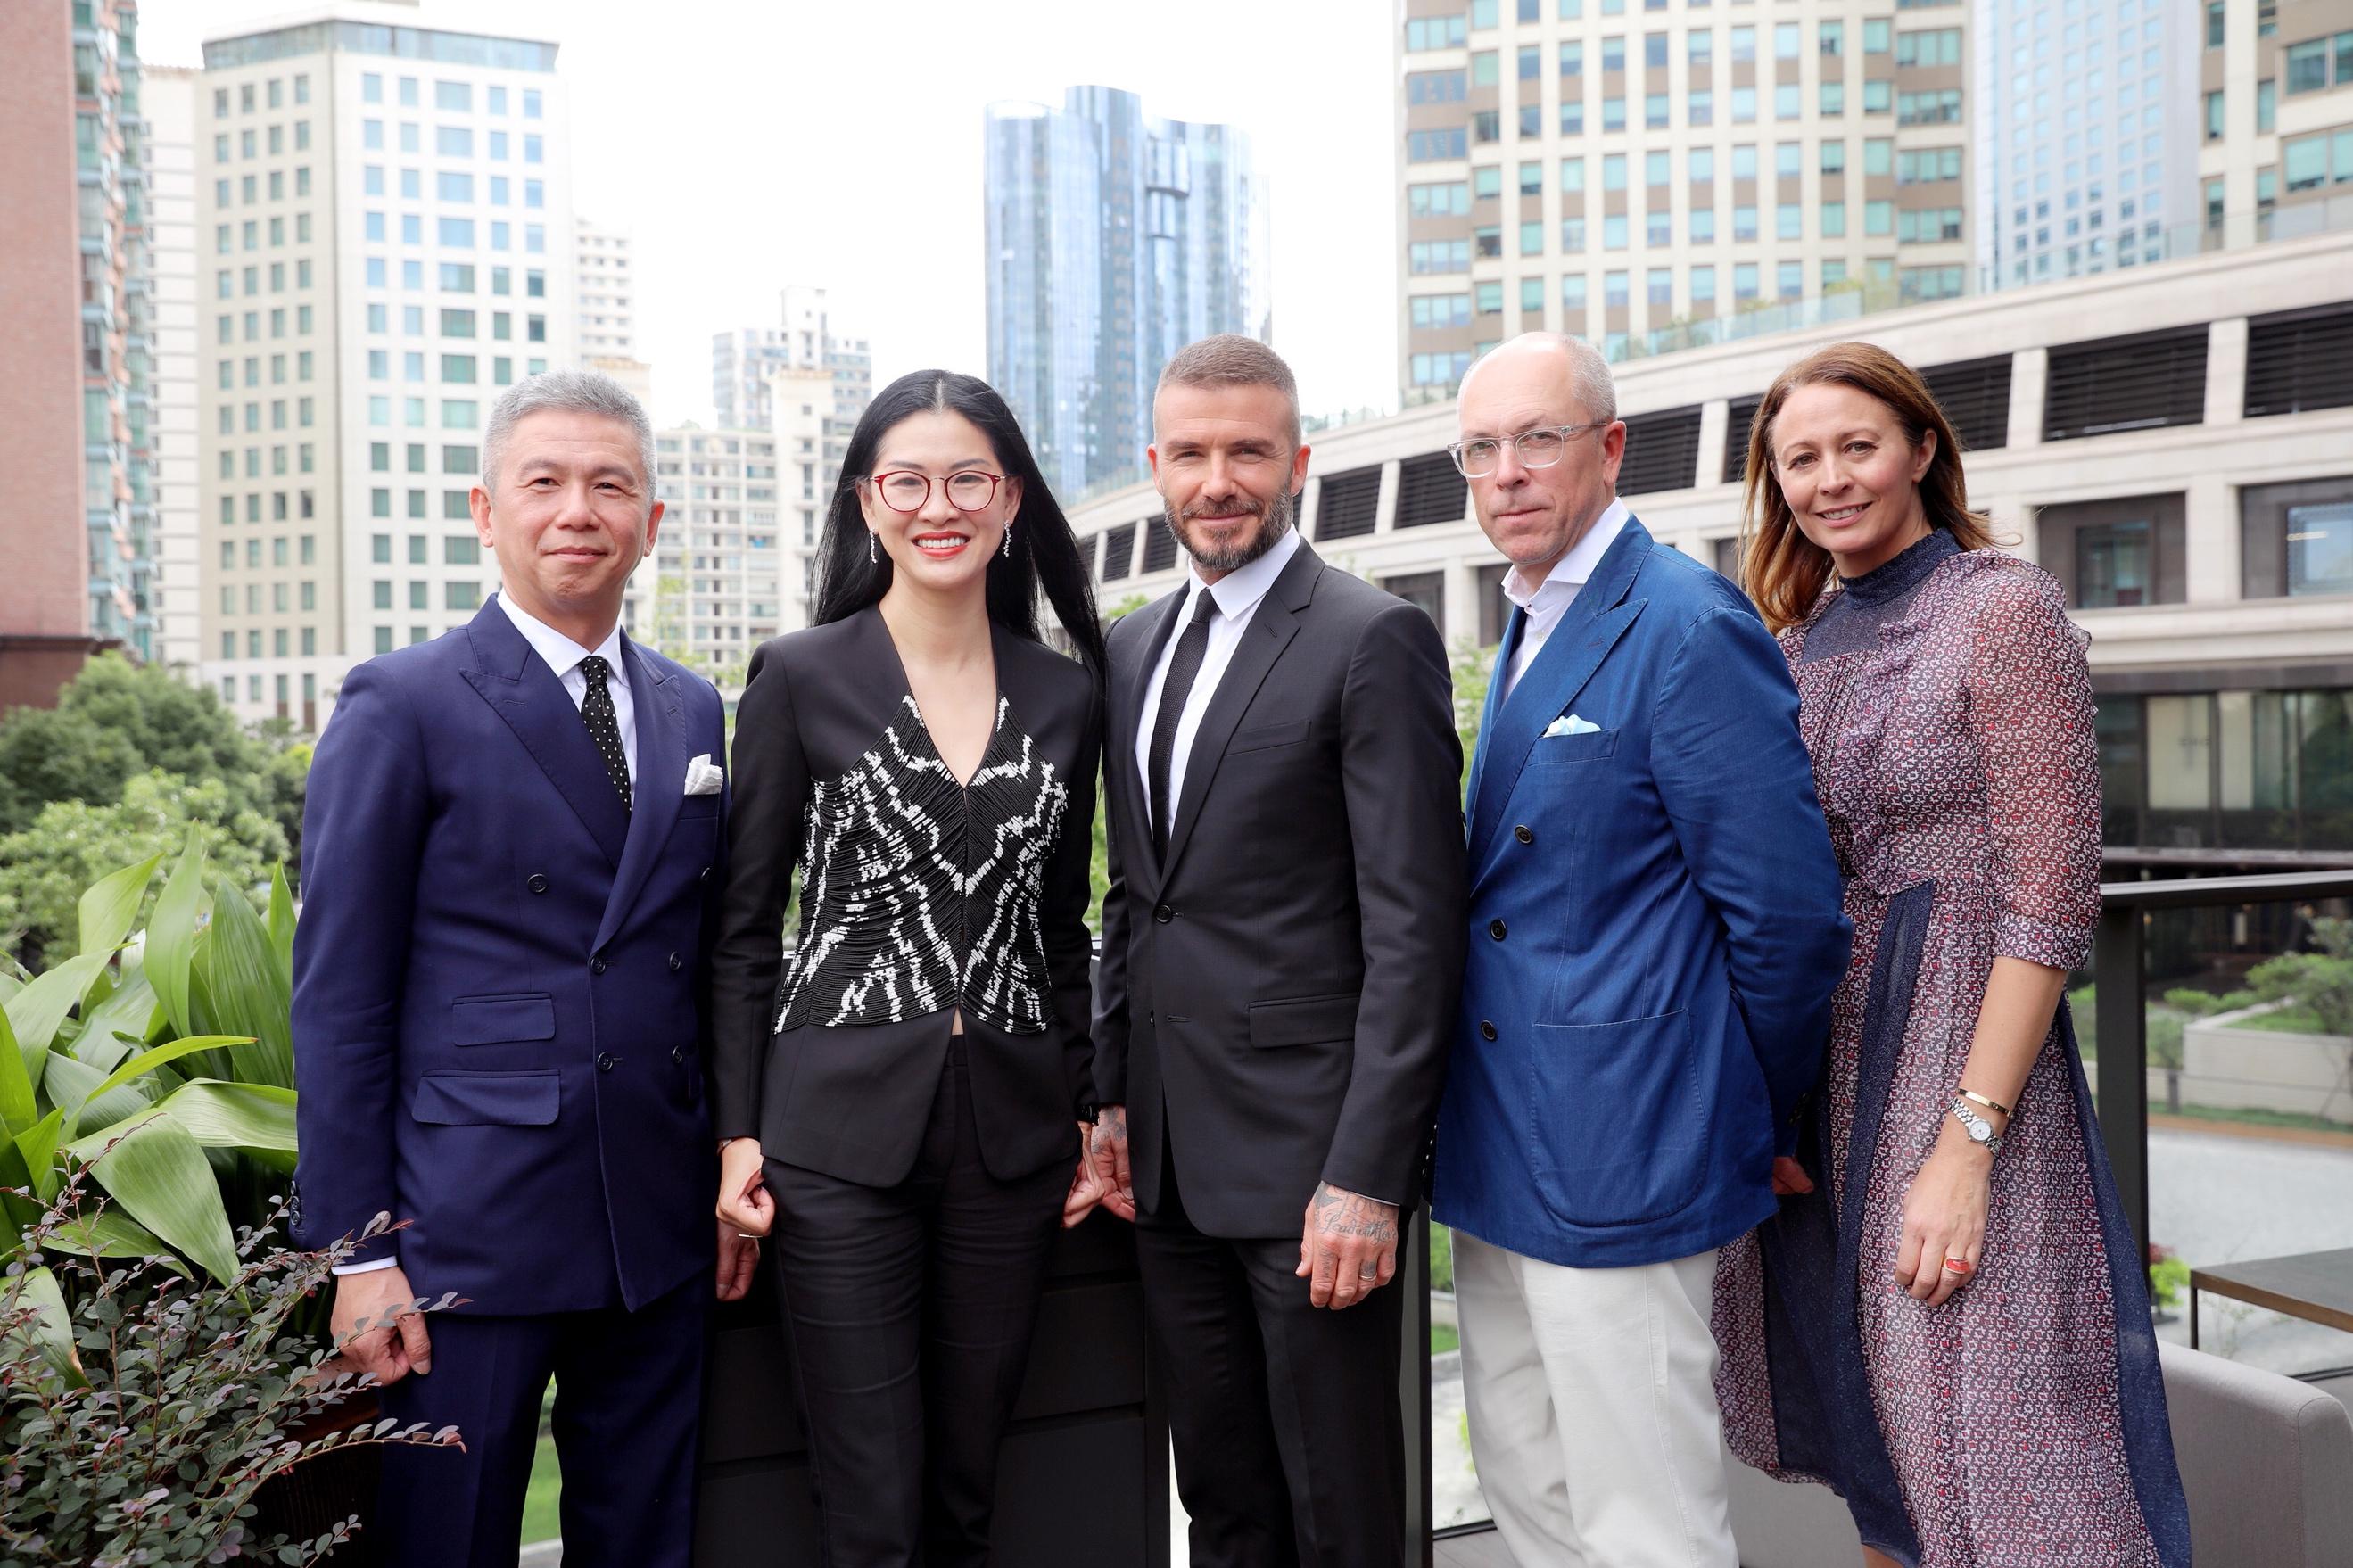 BFC宣布:京东联手如意集团为BFC/GQ男装设计师基金提供为期两年赞助